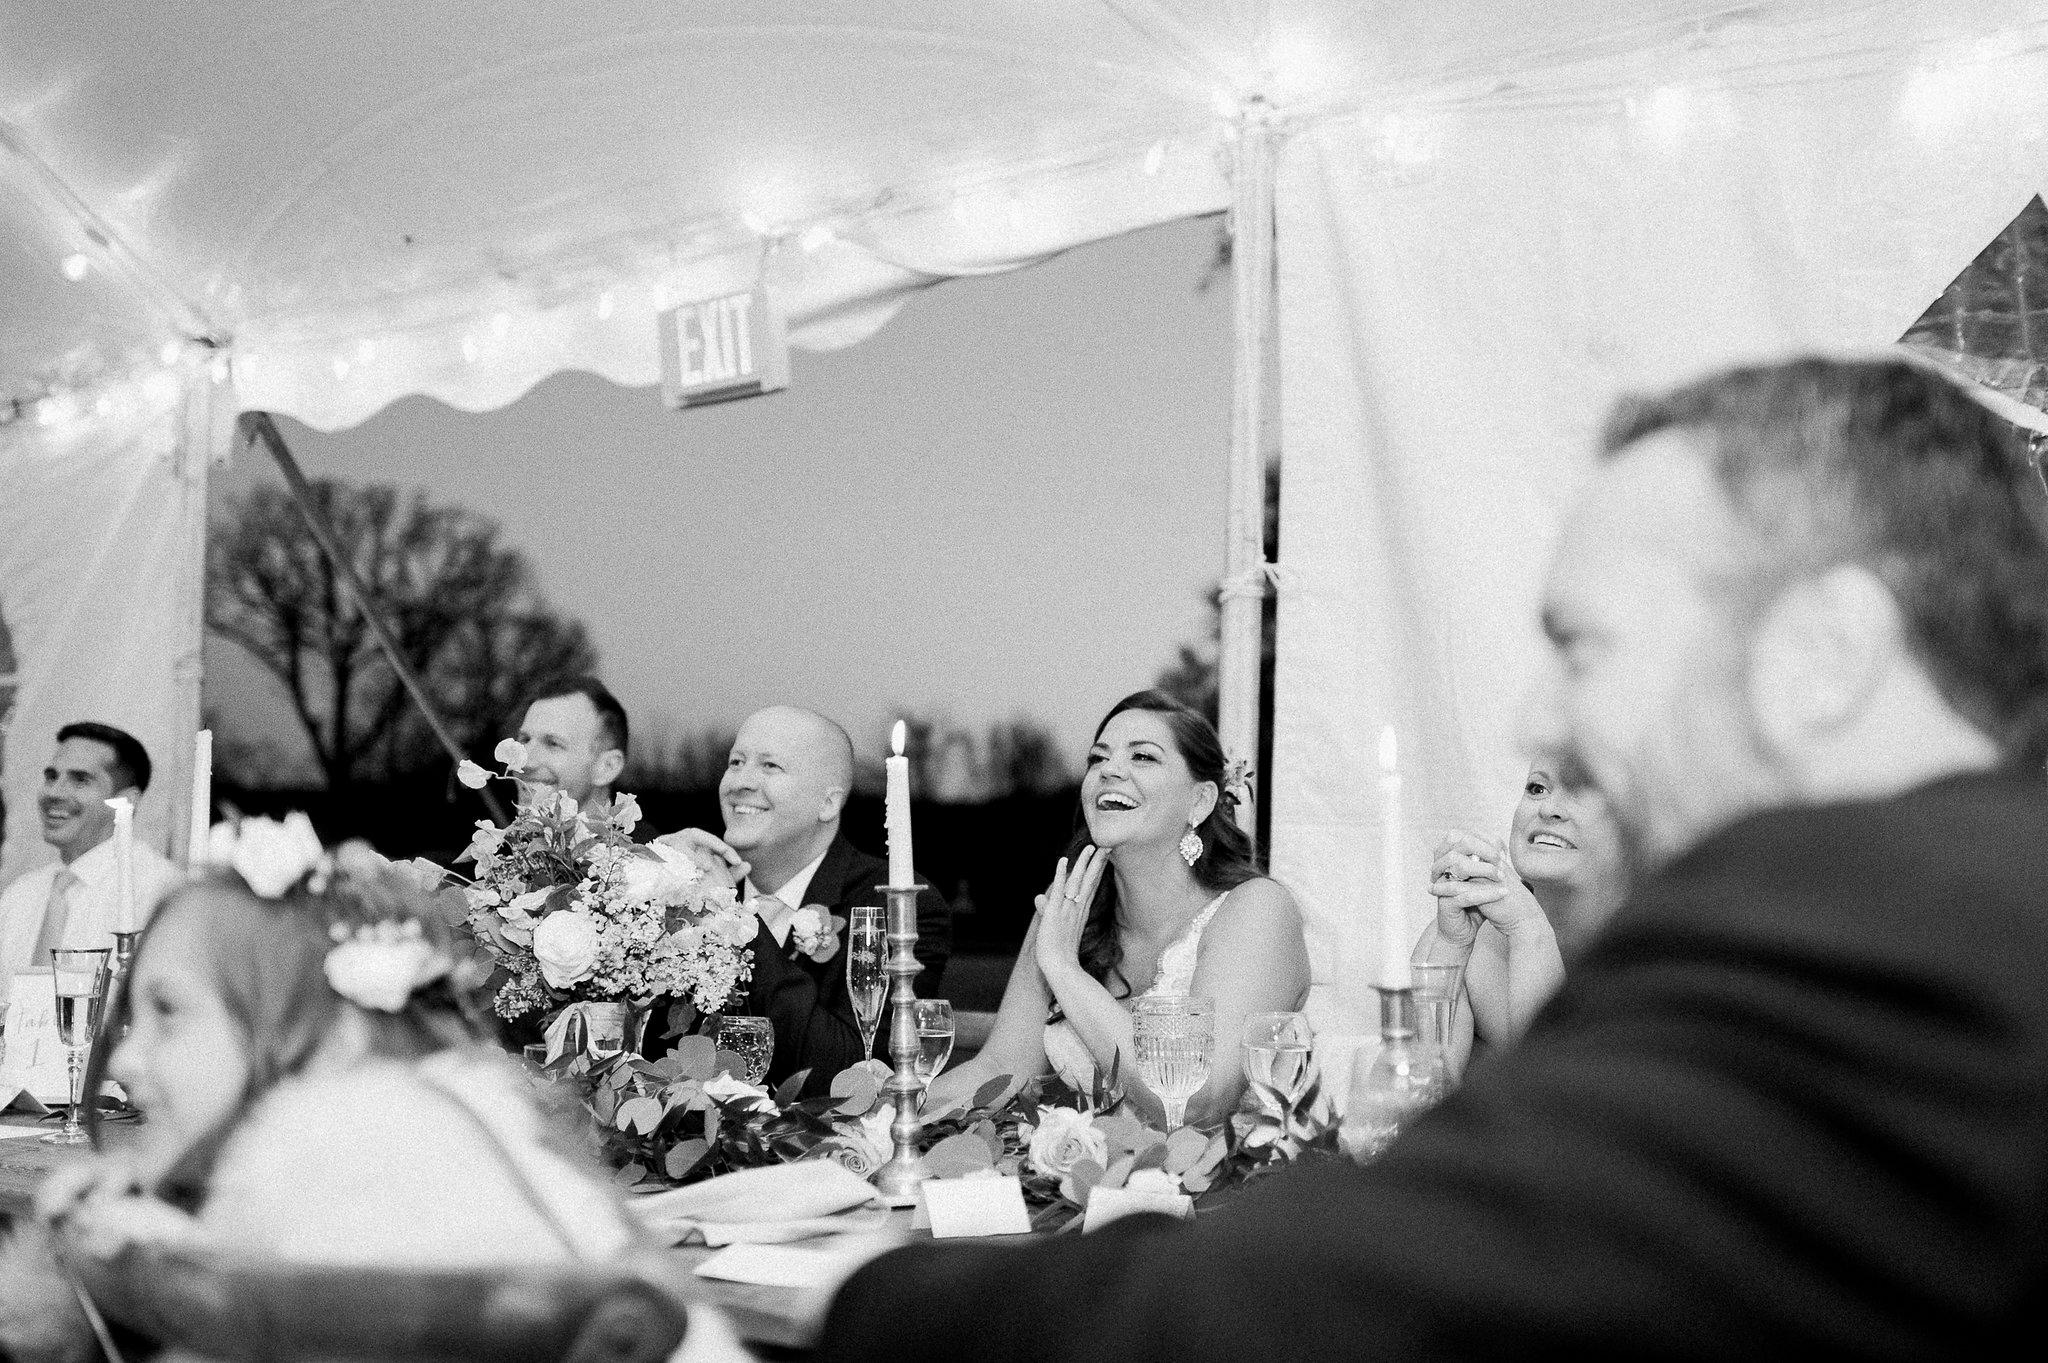 Elizabeth-Fogarty-Wedding-Photography-198.jpg